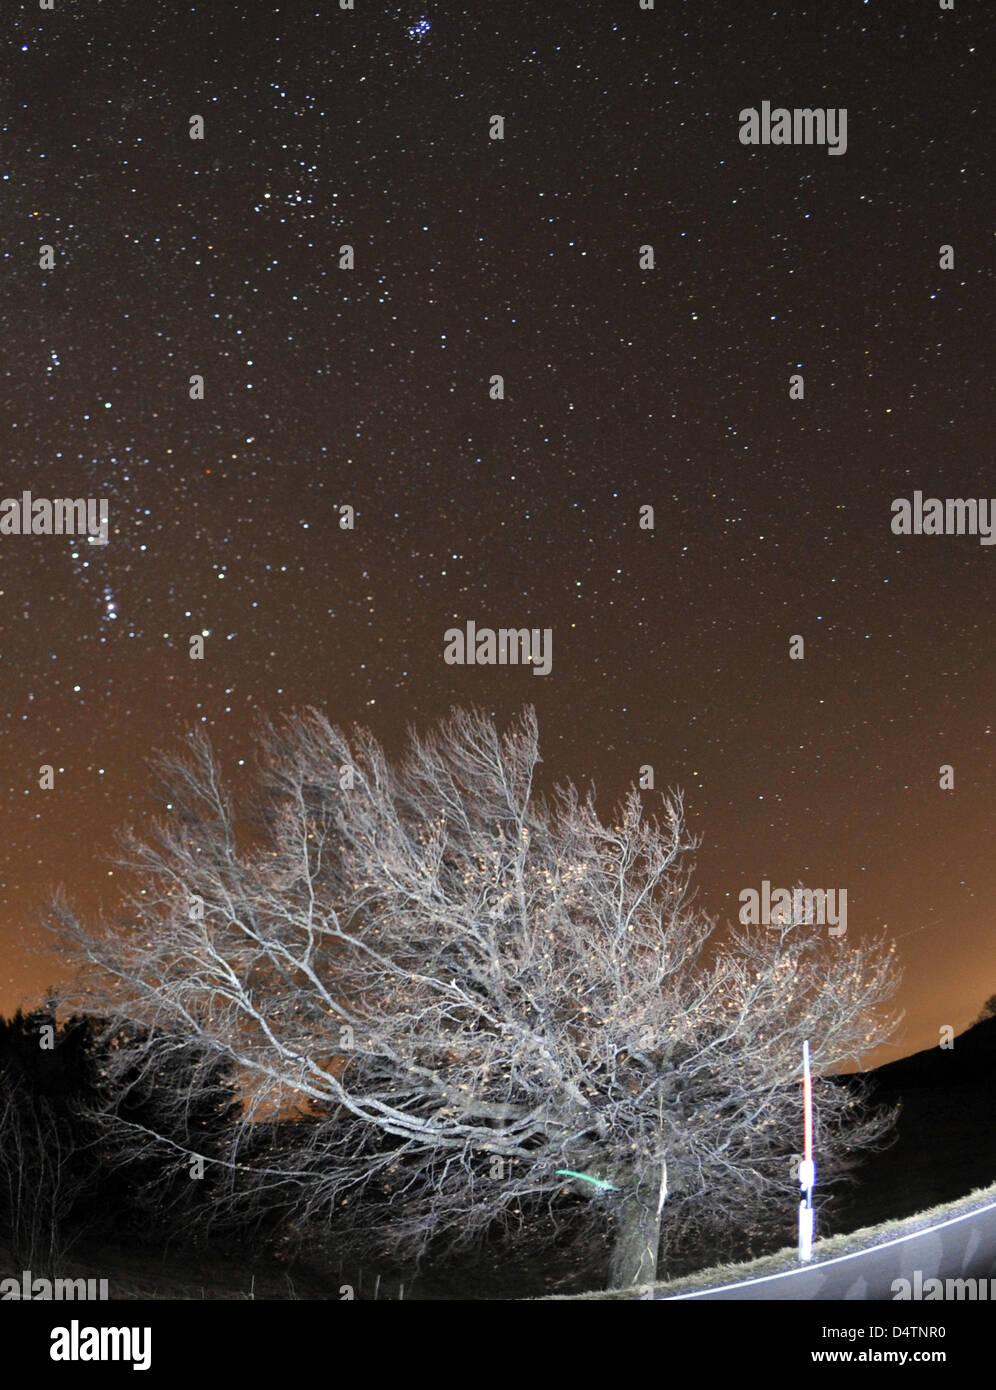 Der Sternenhimmel Abgebildet Aus Dem Schauinsland Ins Land